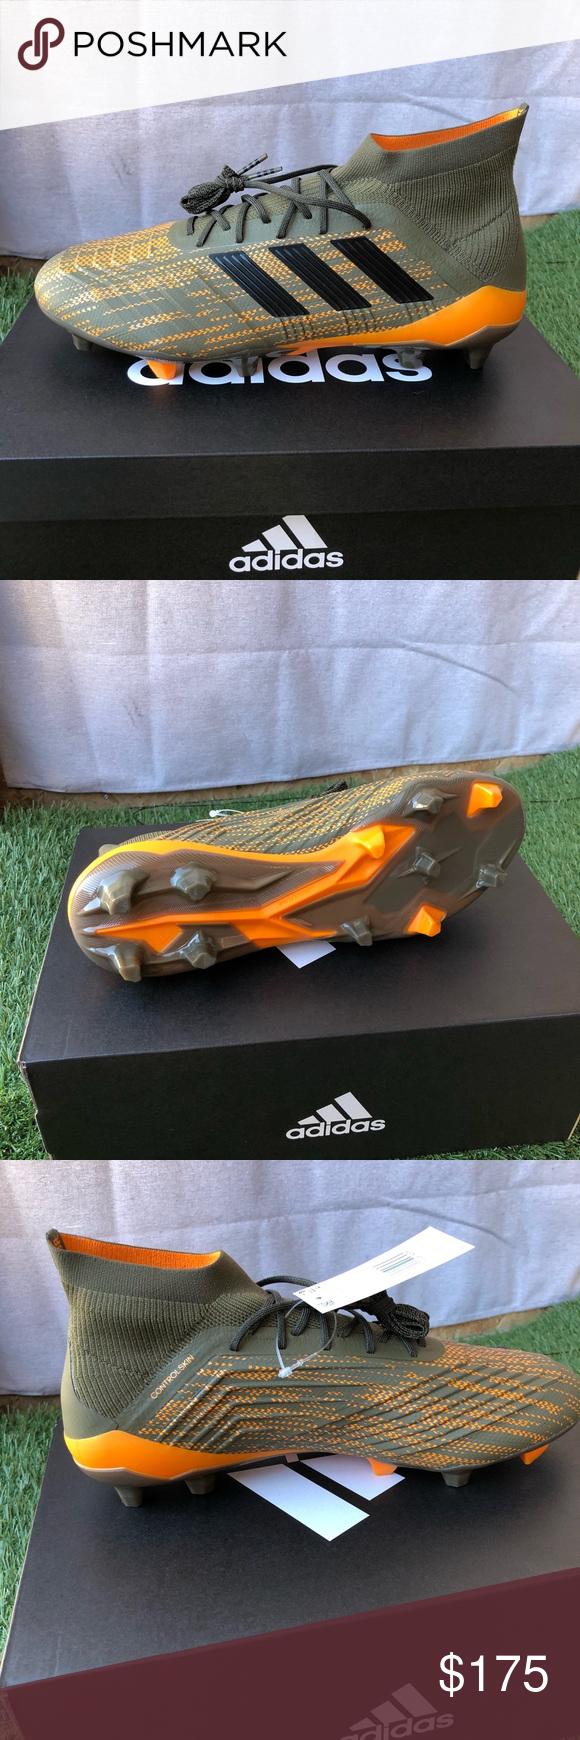 Adidas predator 18.1 FG CM7412 B6 Adidas men s soccer shoes adidas Shoes 4a4b185b7